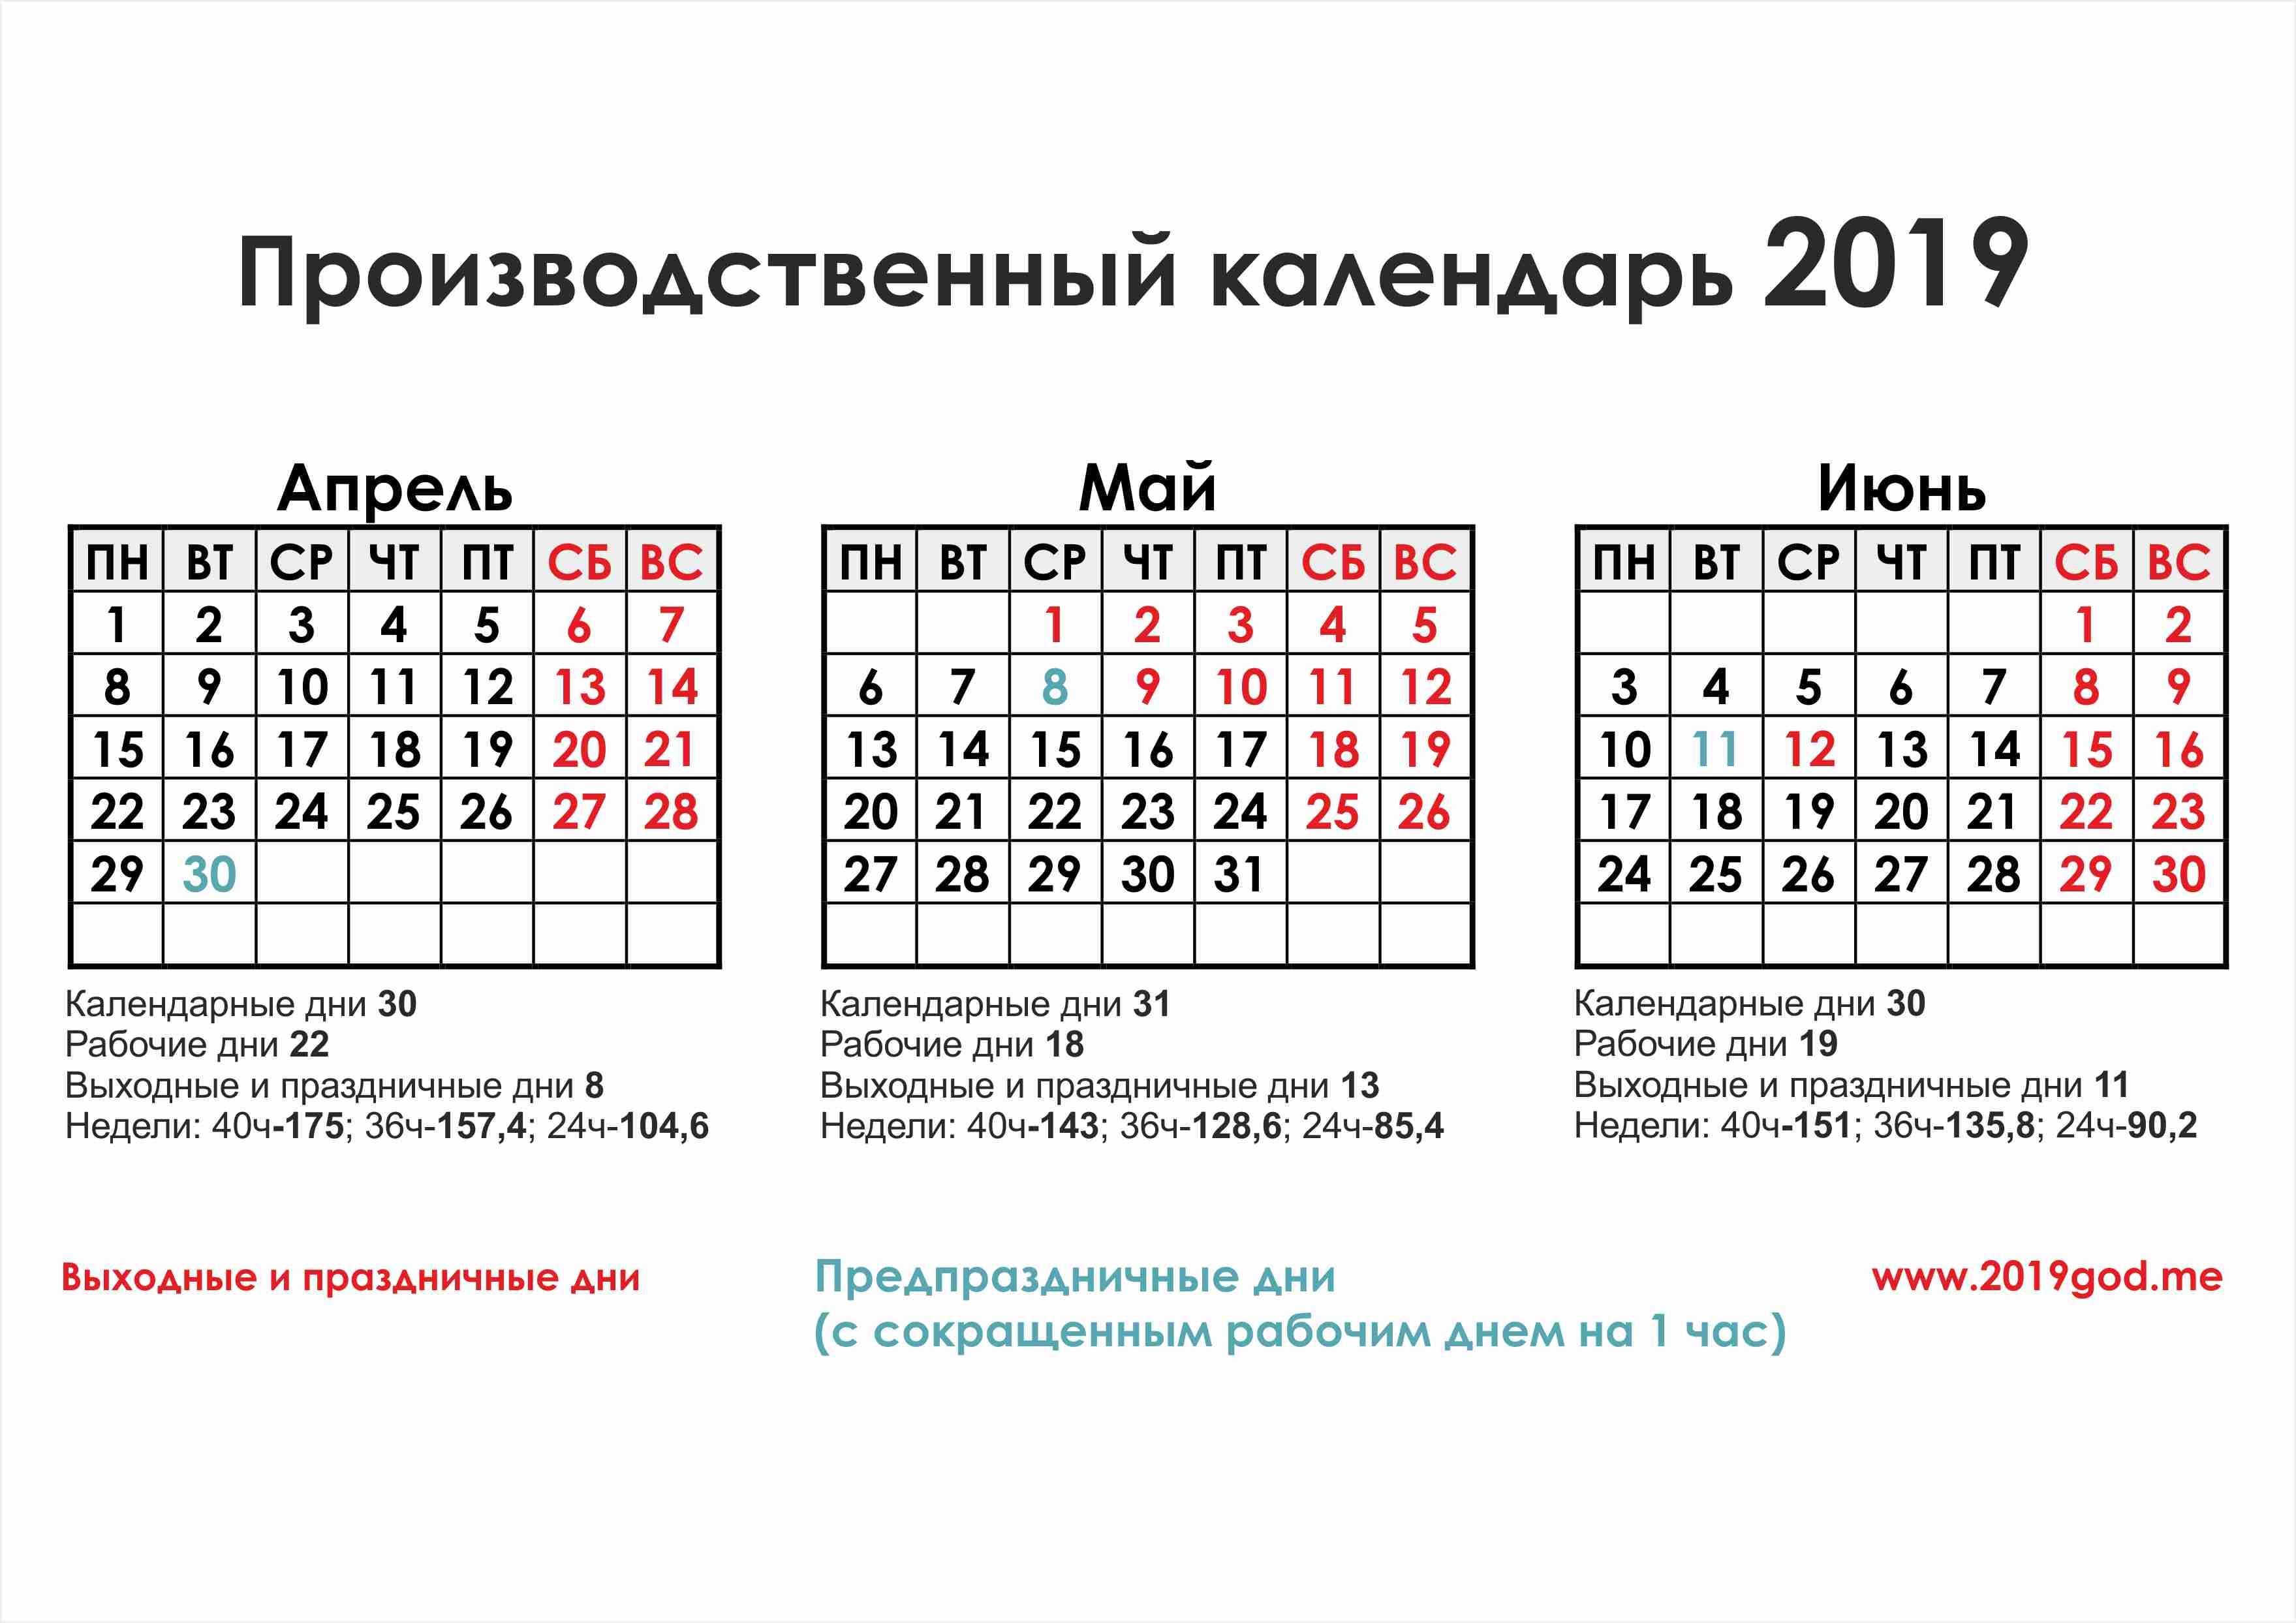 Производственный календарь на март 2019 с праздниками и выходными